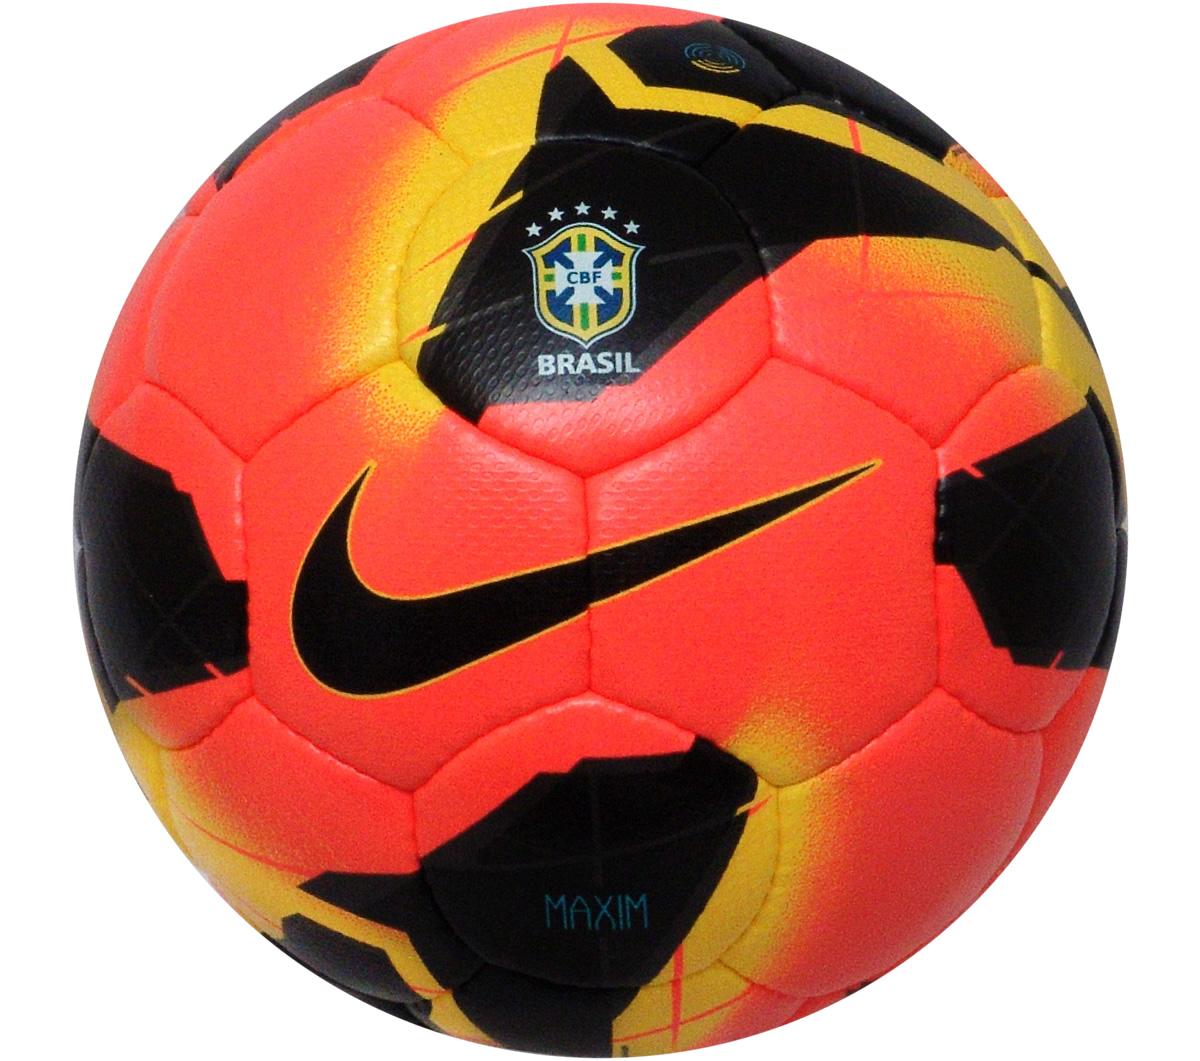 pallone brasileirao 2013